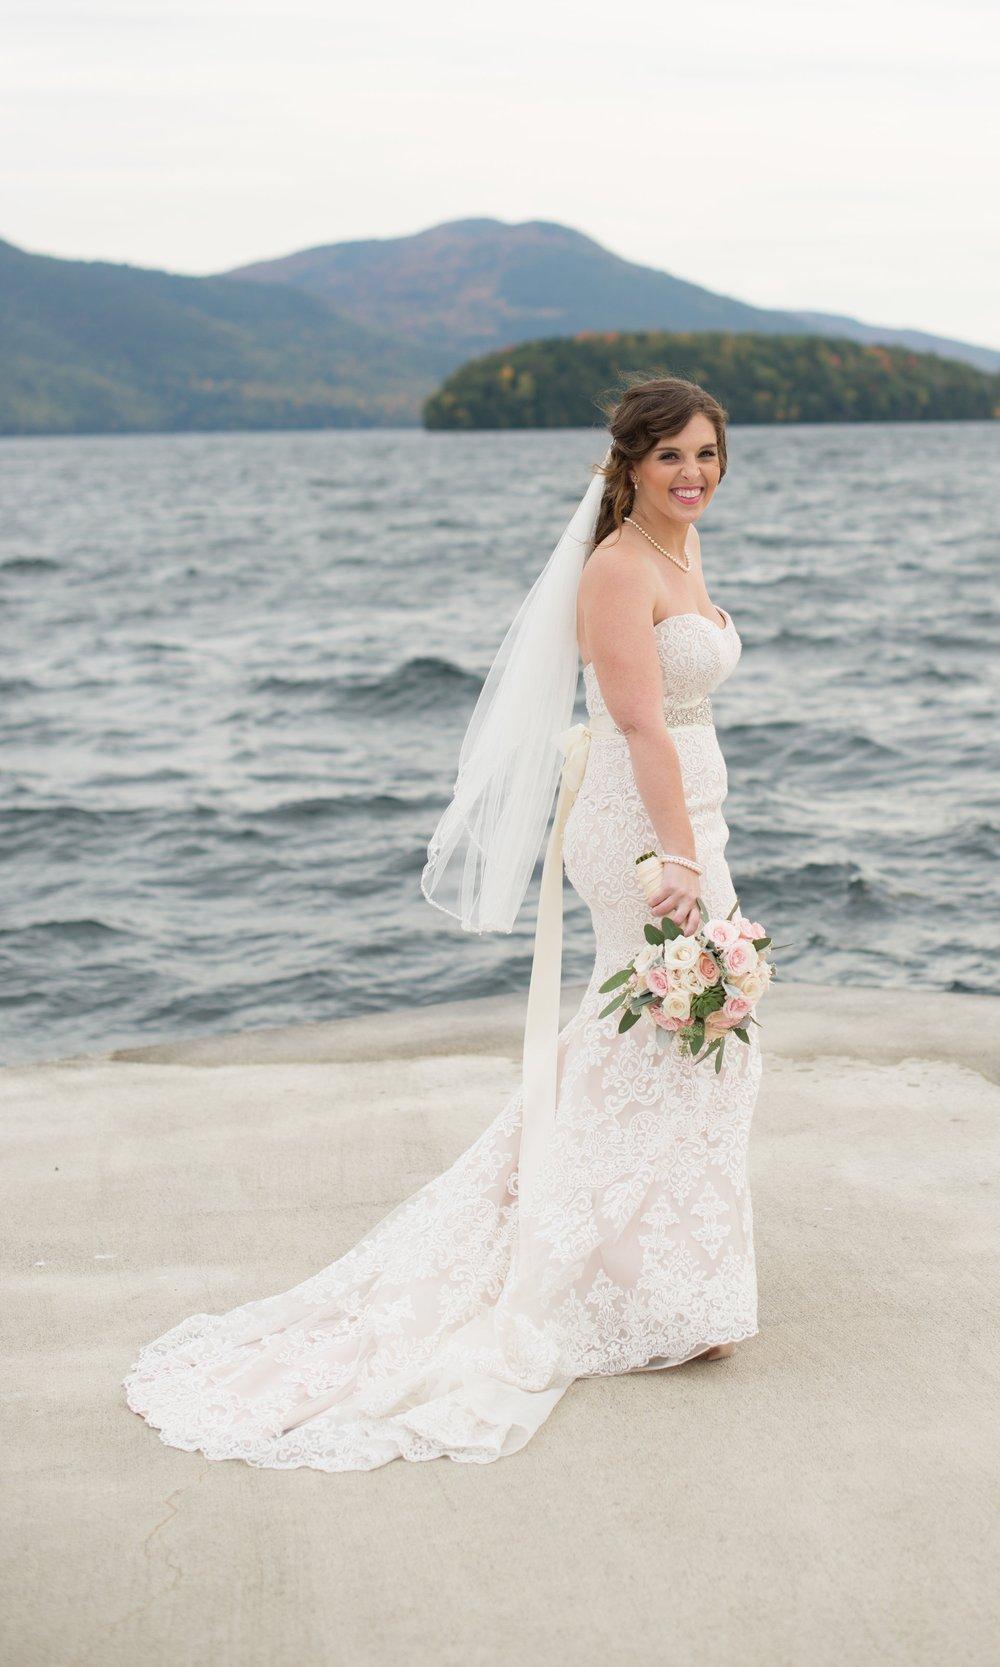 bride-sagamore-resort-lake-george-ny-wedding-ym-photography